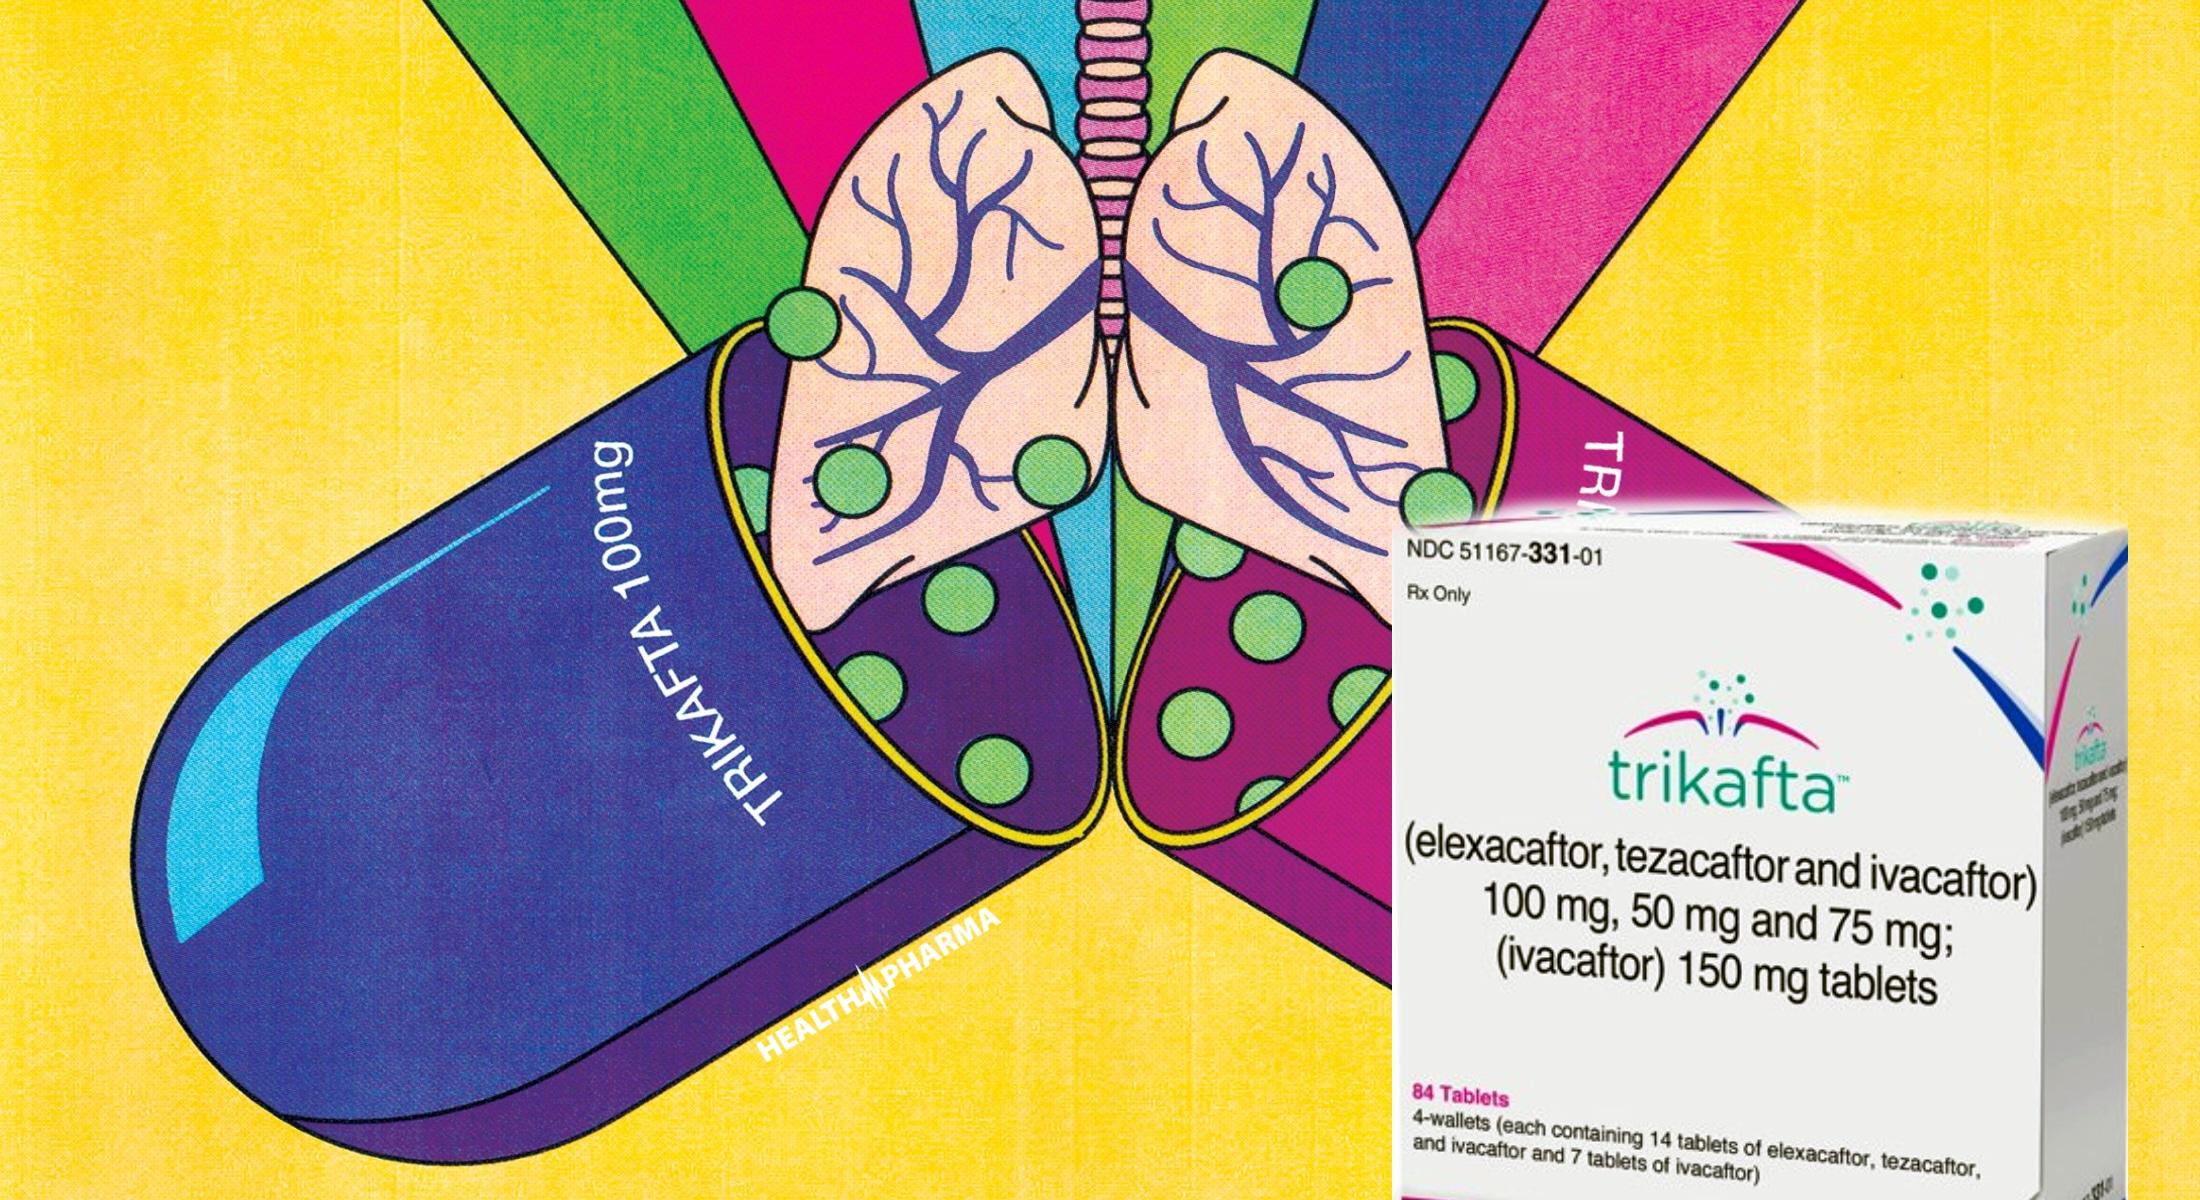 Κικίλιας: Ξεκινά η πρώιμη πρόσβαση ασθενών με κυστική ίνωση - Trikafta